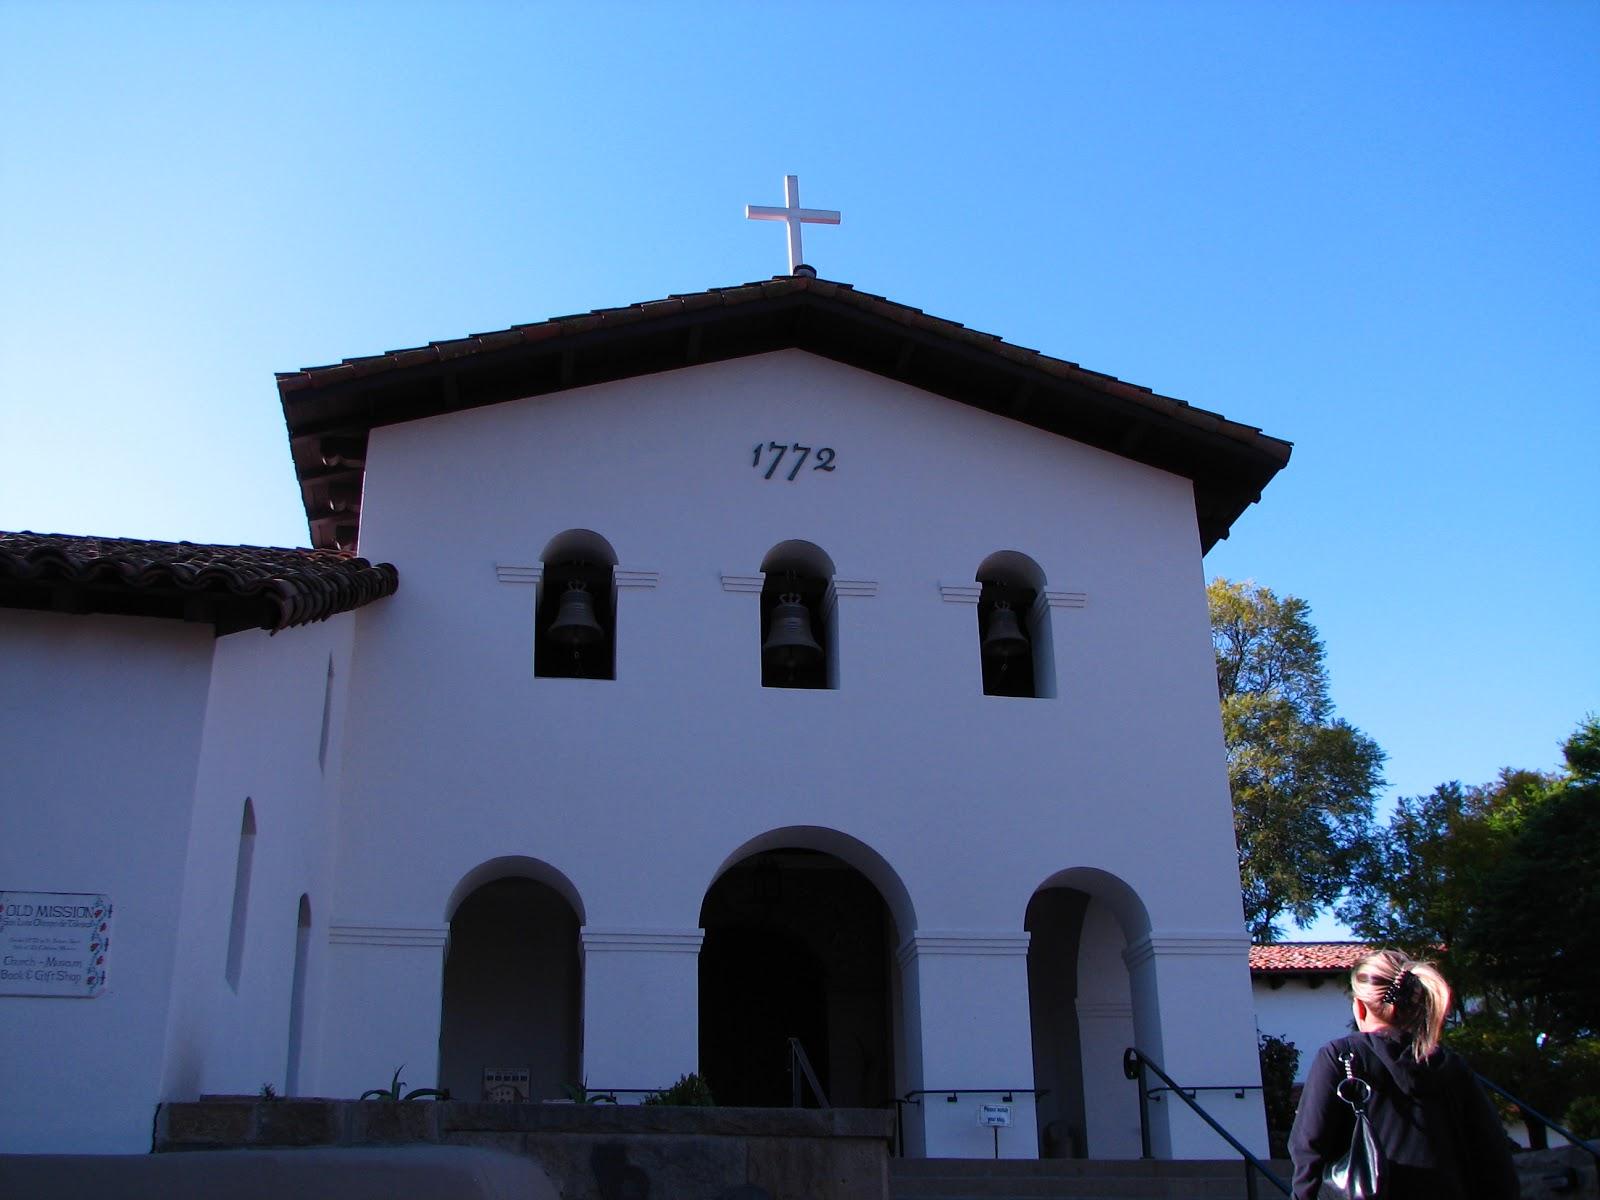 Mission High San Obispo Picture De Tolosa Luis